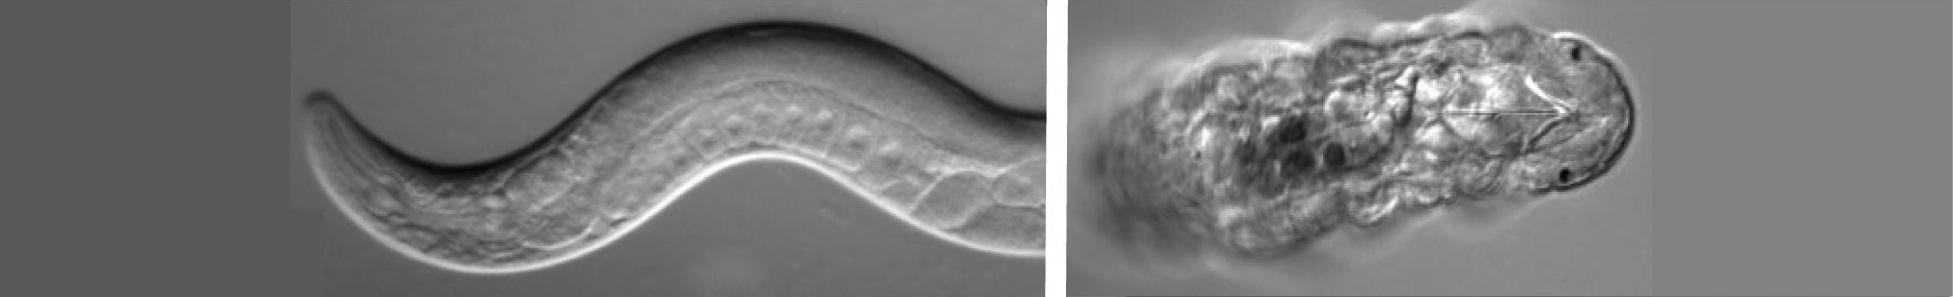 c  elegans resources